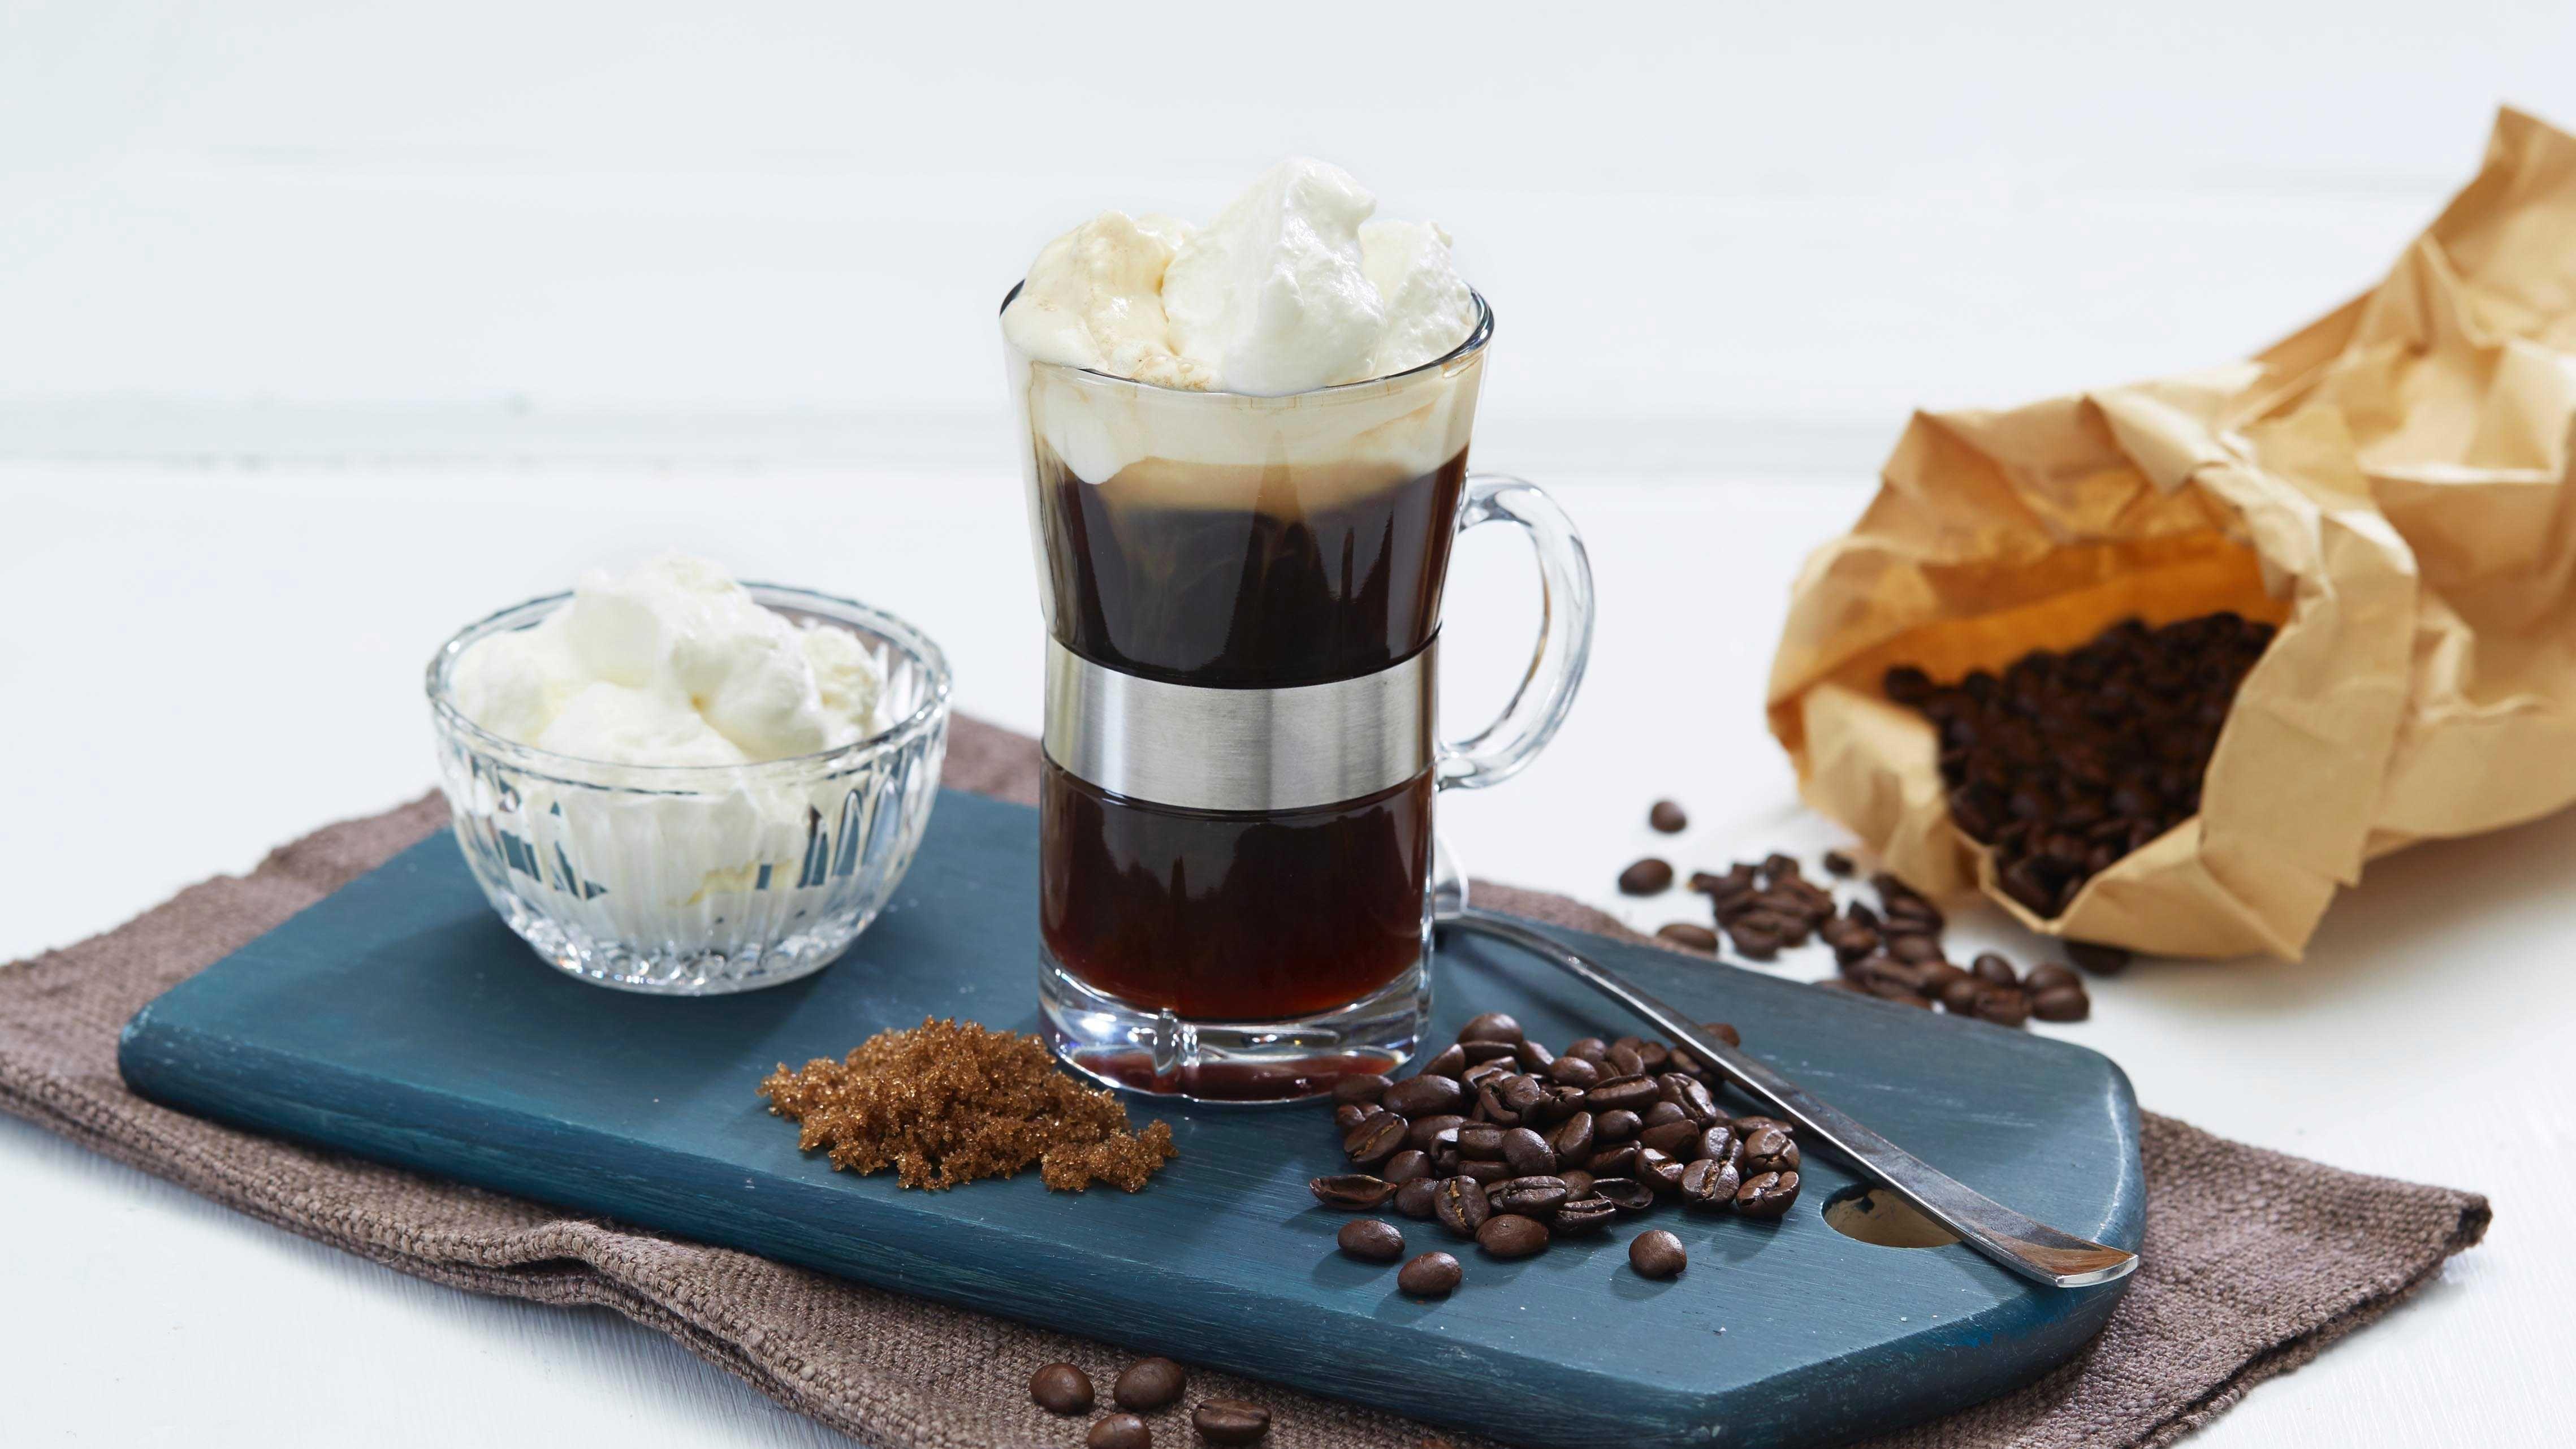 En av våre eldste kaffedrikker for de voksne. Med kaffe, brunt sukker,  litt whisky, og toppet med krem, blir dette den deiligste dessertdrikken.